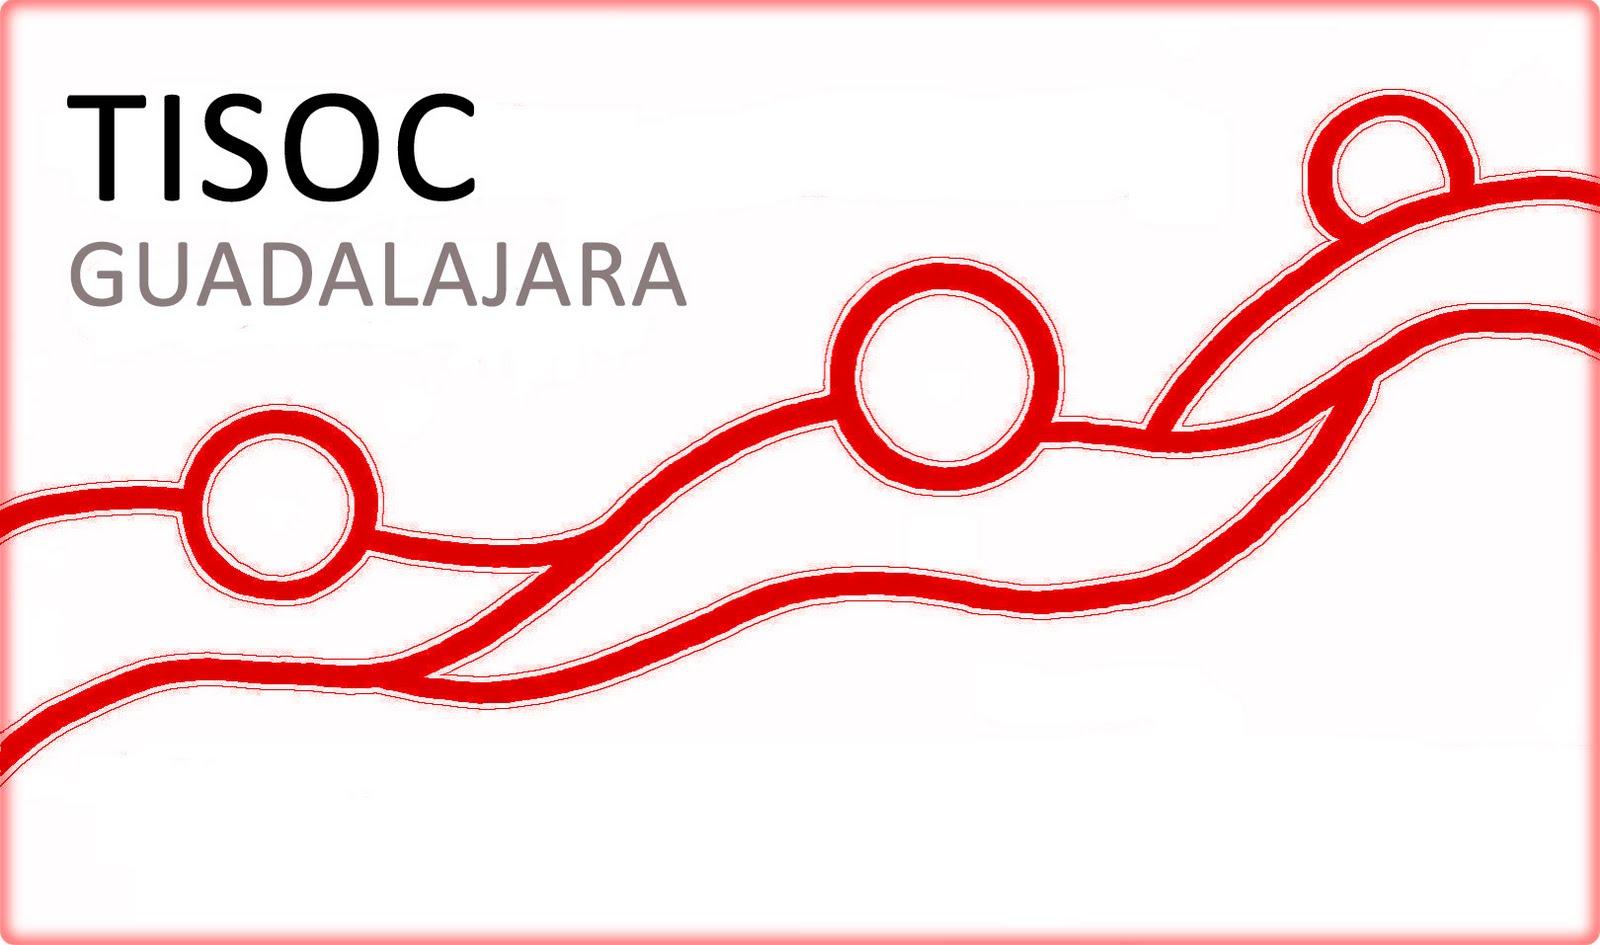 TISOC Guadalajara